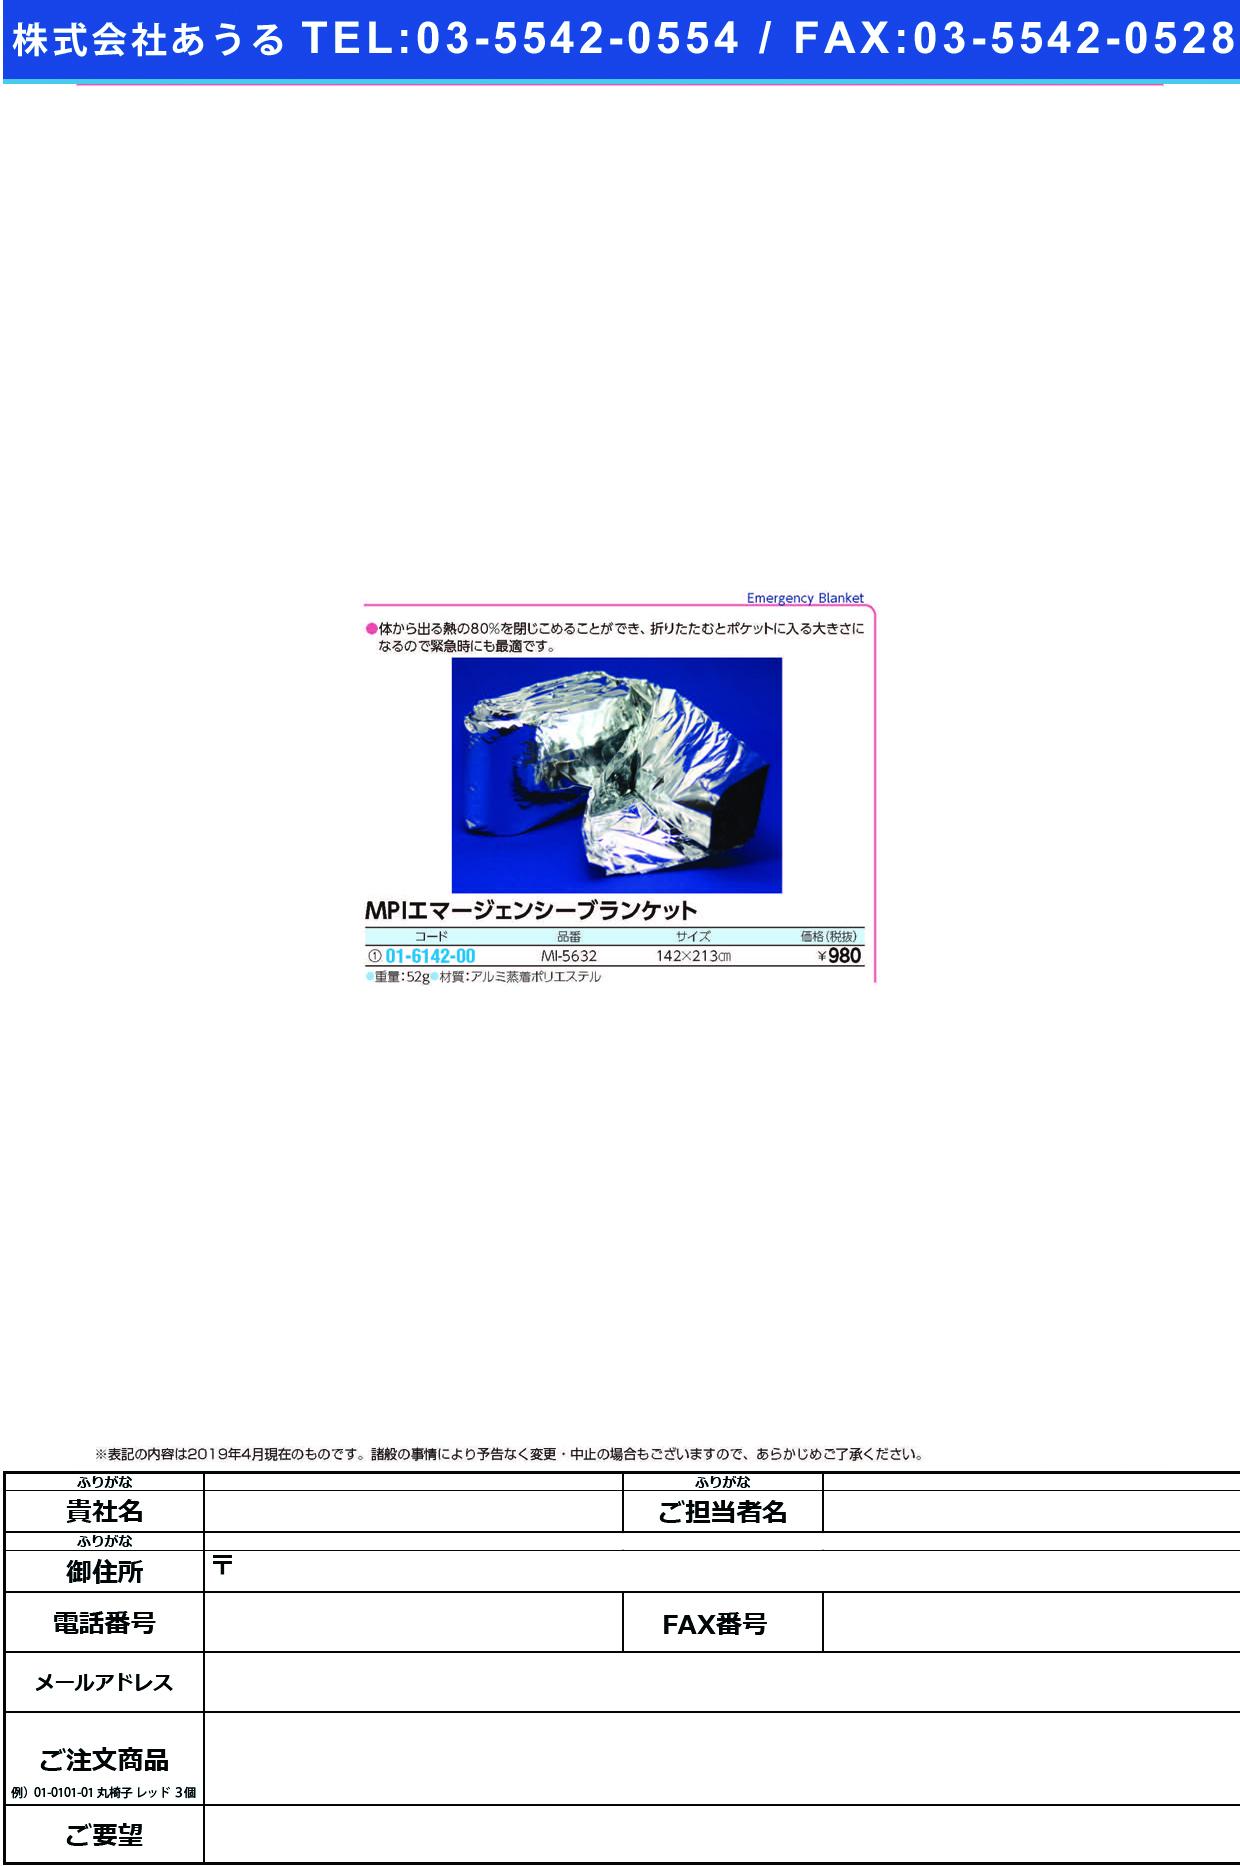 (01-6142-00)MPIエマージェンシーブランケット MI-5632-0000 MPIエマージェンシーブランケット【1個単位】【2019年カタログ商品】